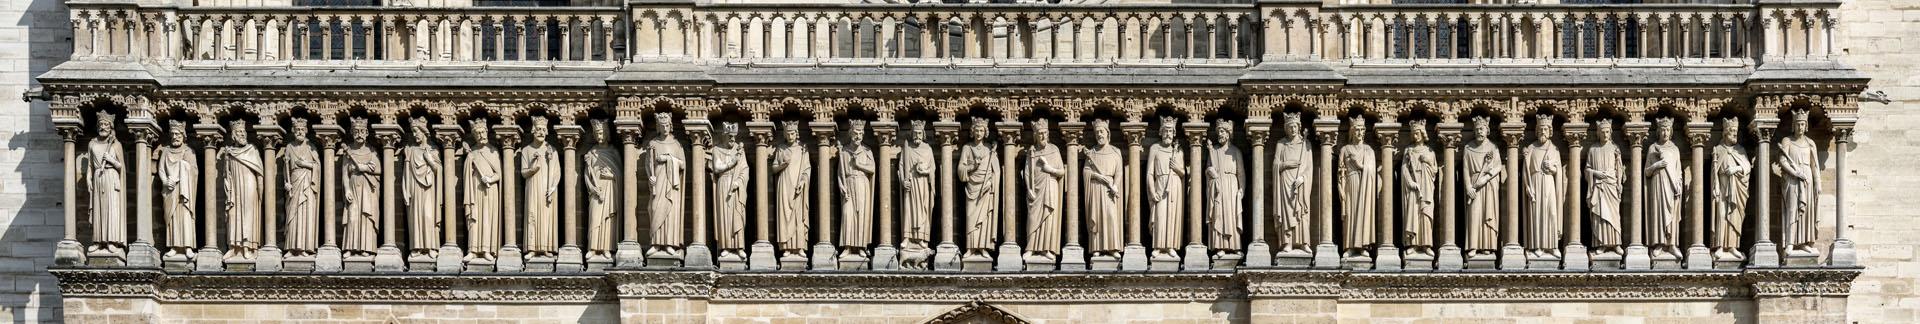 Los 28 reyes antes de Cristo